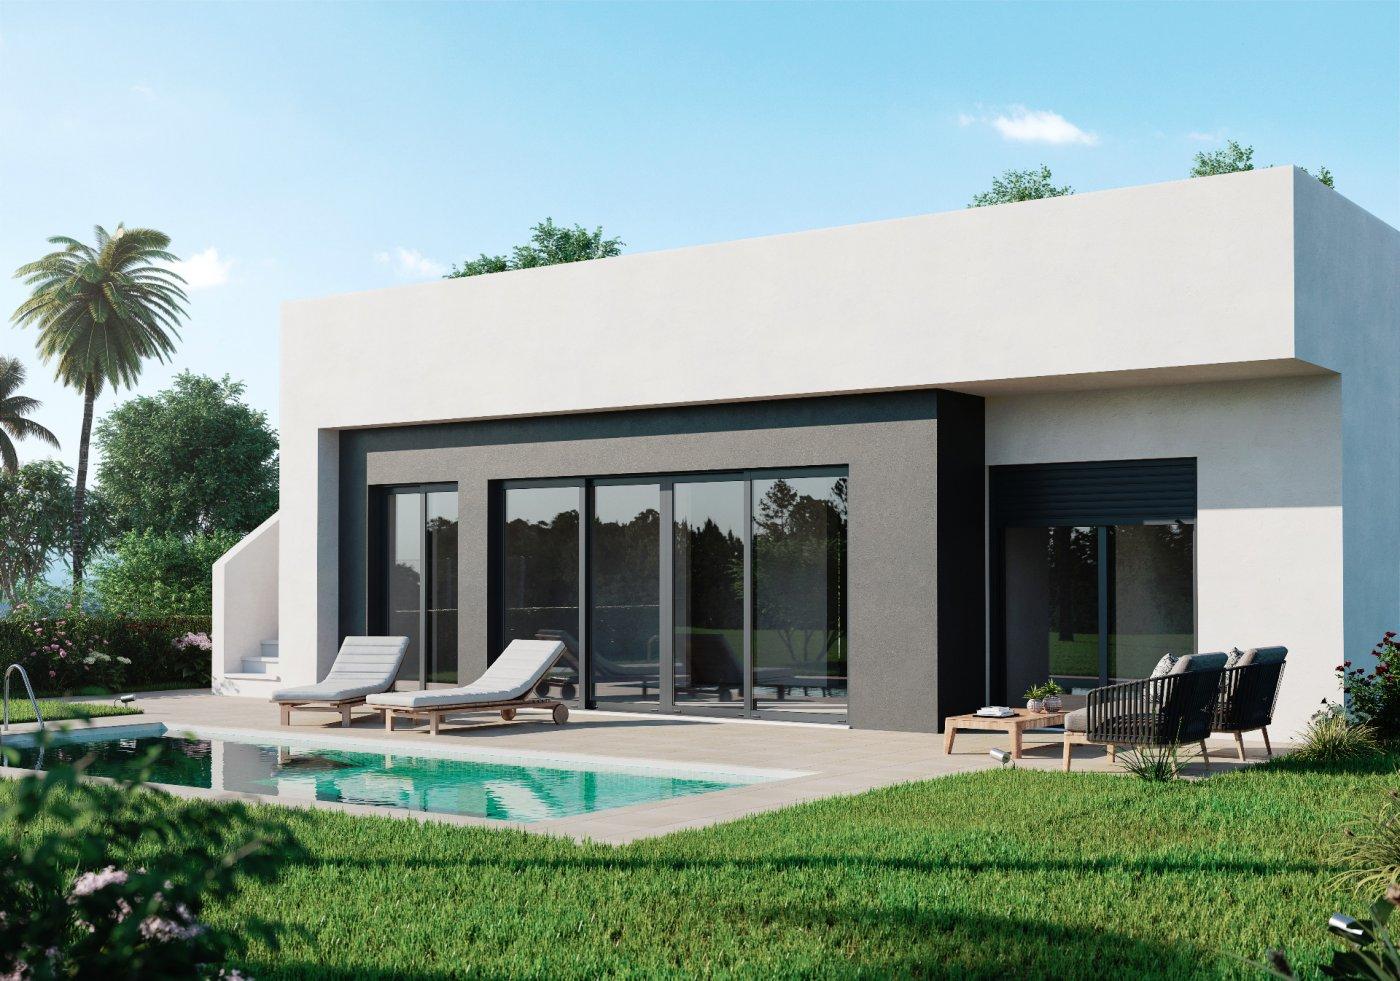 Detached - Nieuwbouw - Alhama de Murcia - Condado de Alhama Golf Resort